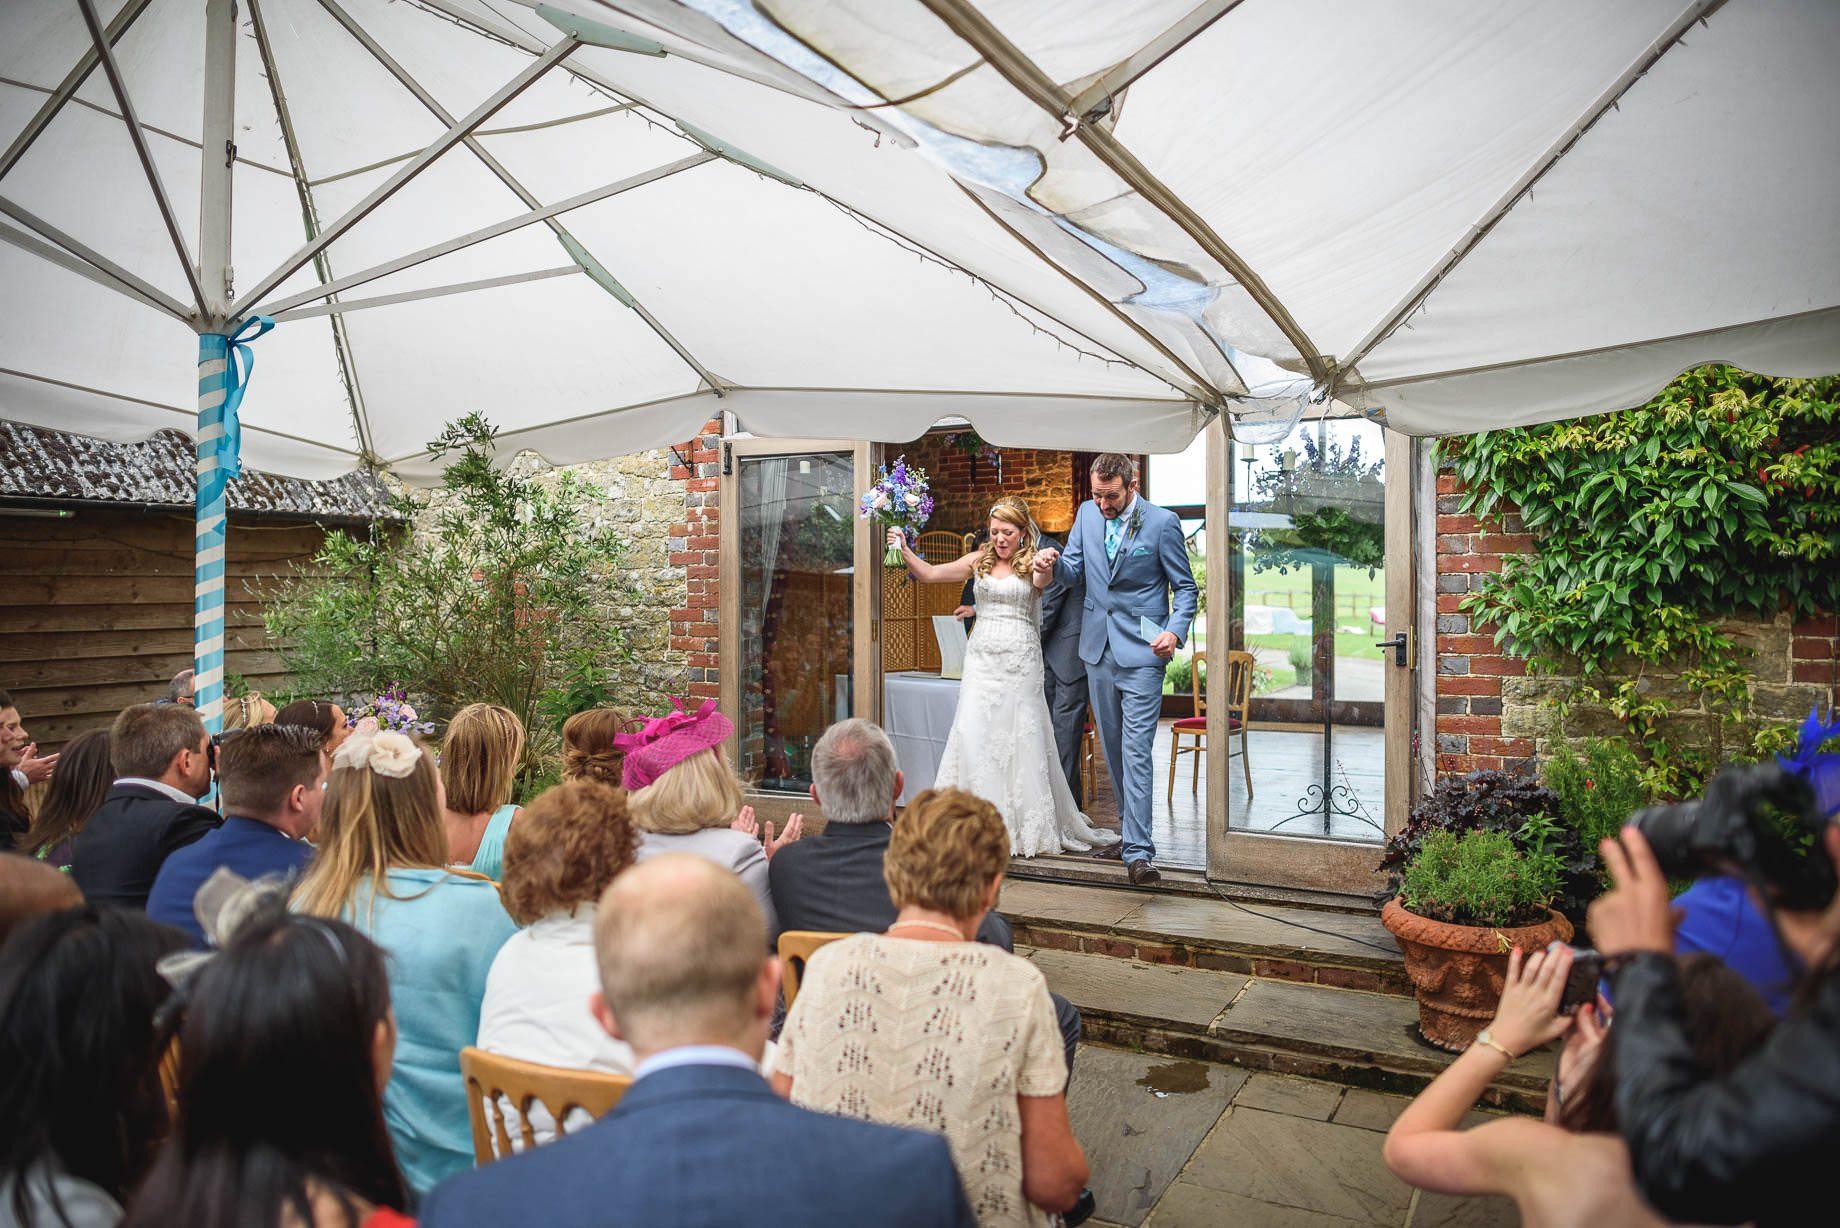 Bartholomew Barns wedding photography - Louise and Spencer (51 of 151)